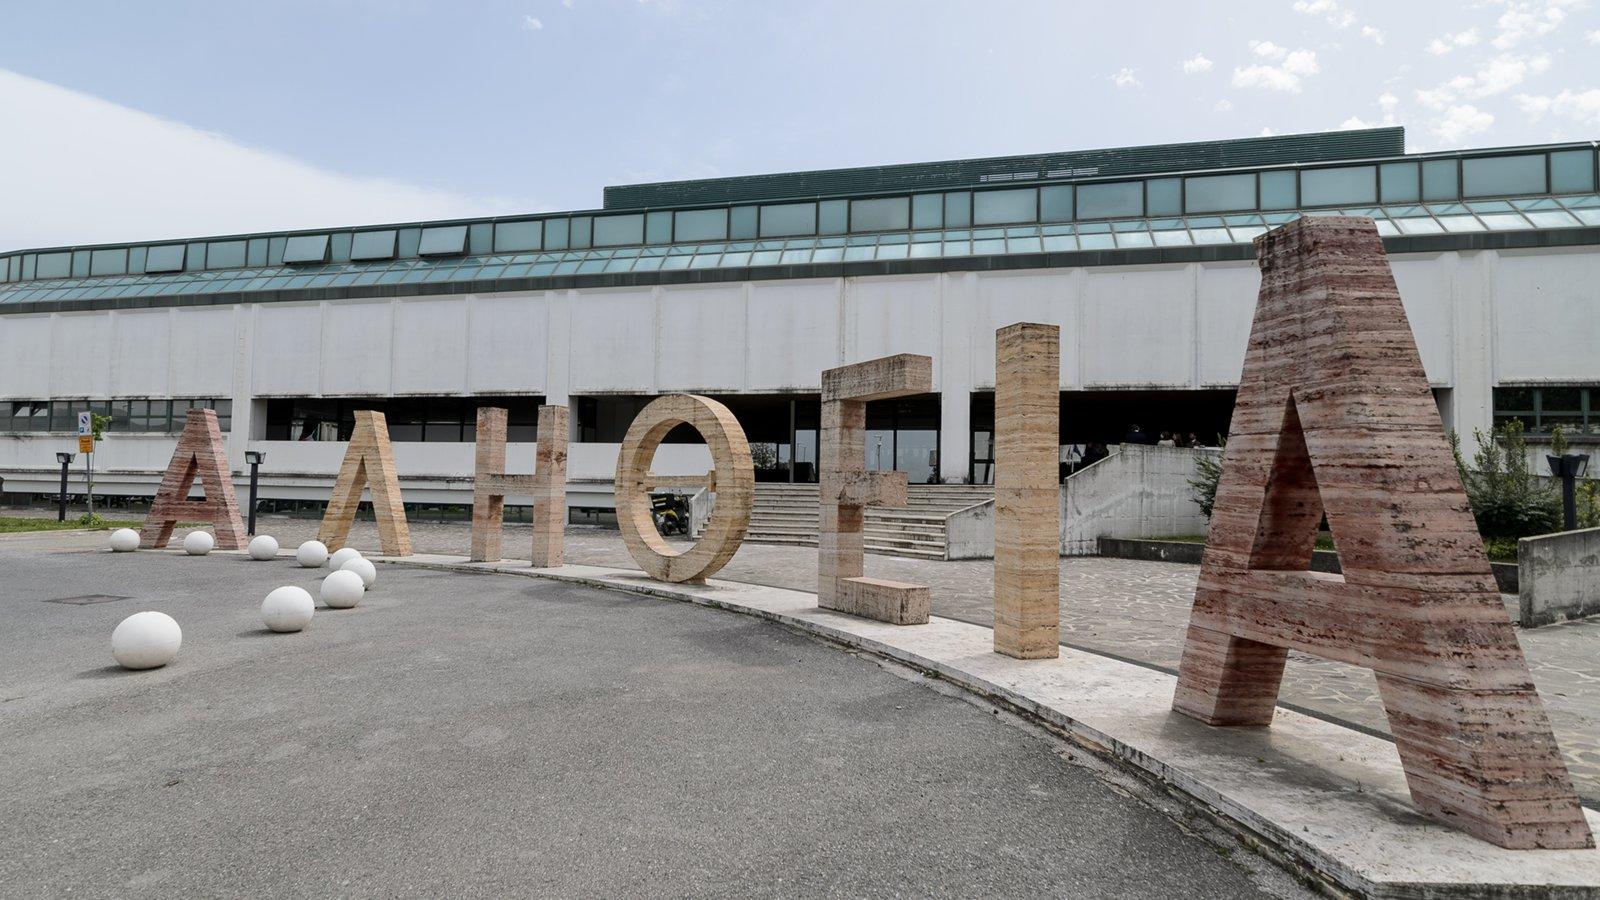 Vallo della lucania arrestato un ufficiale giudiziario - Ufficiale giudiziario pignoramento ...